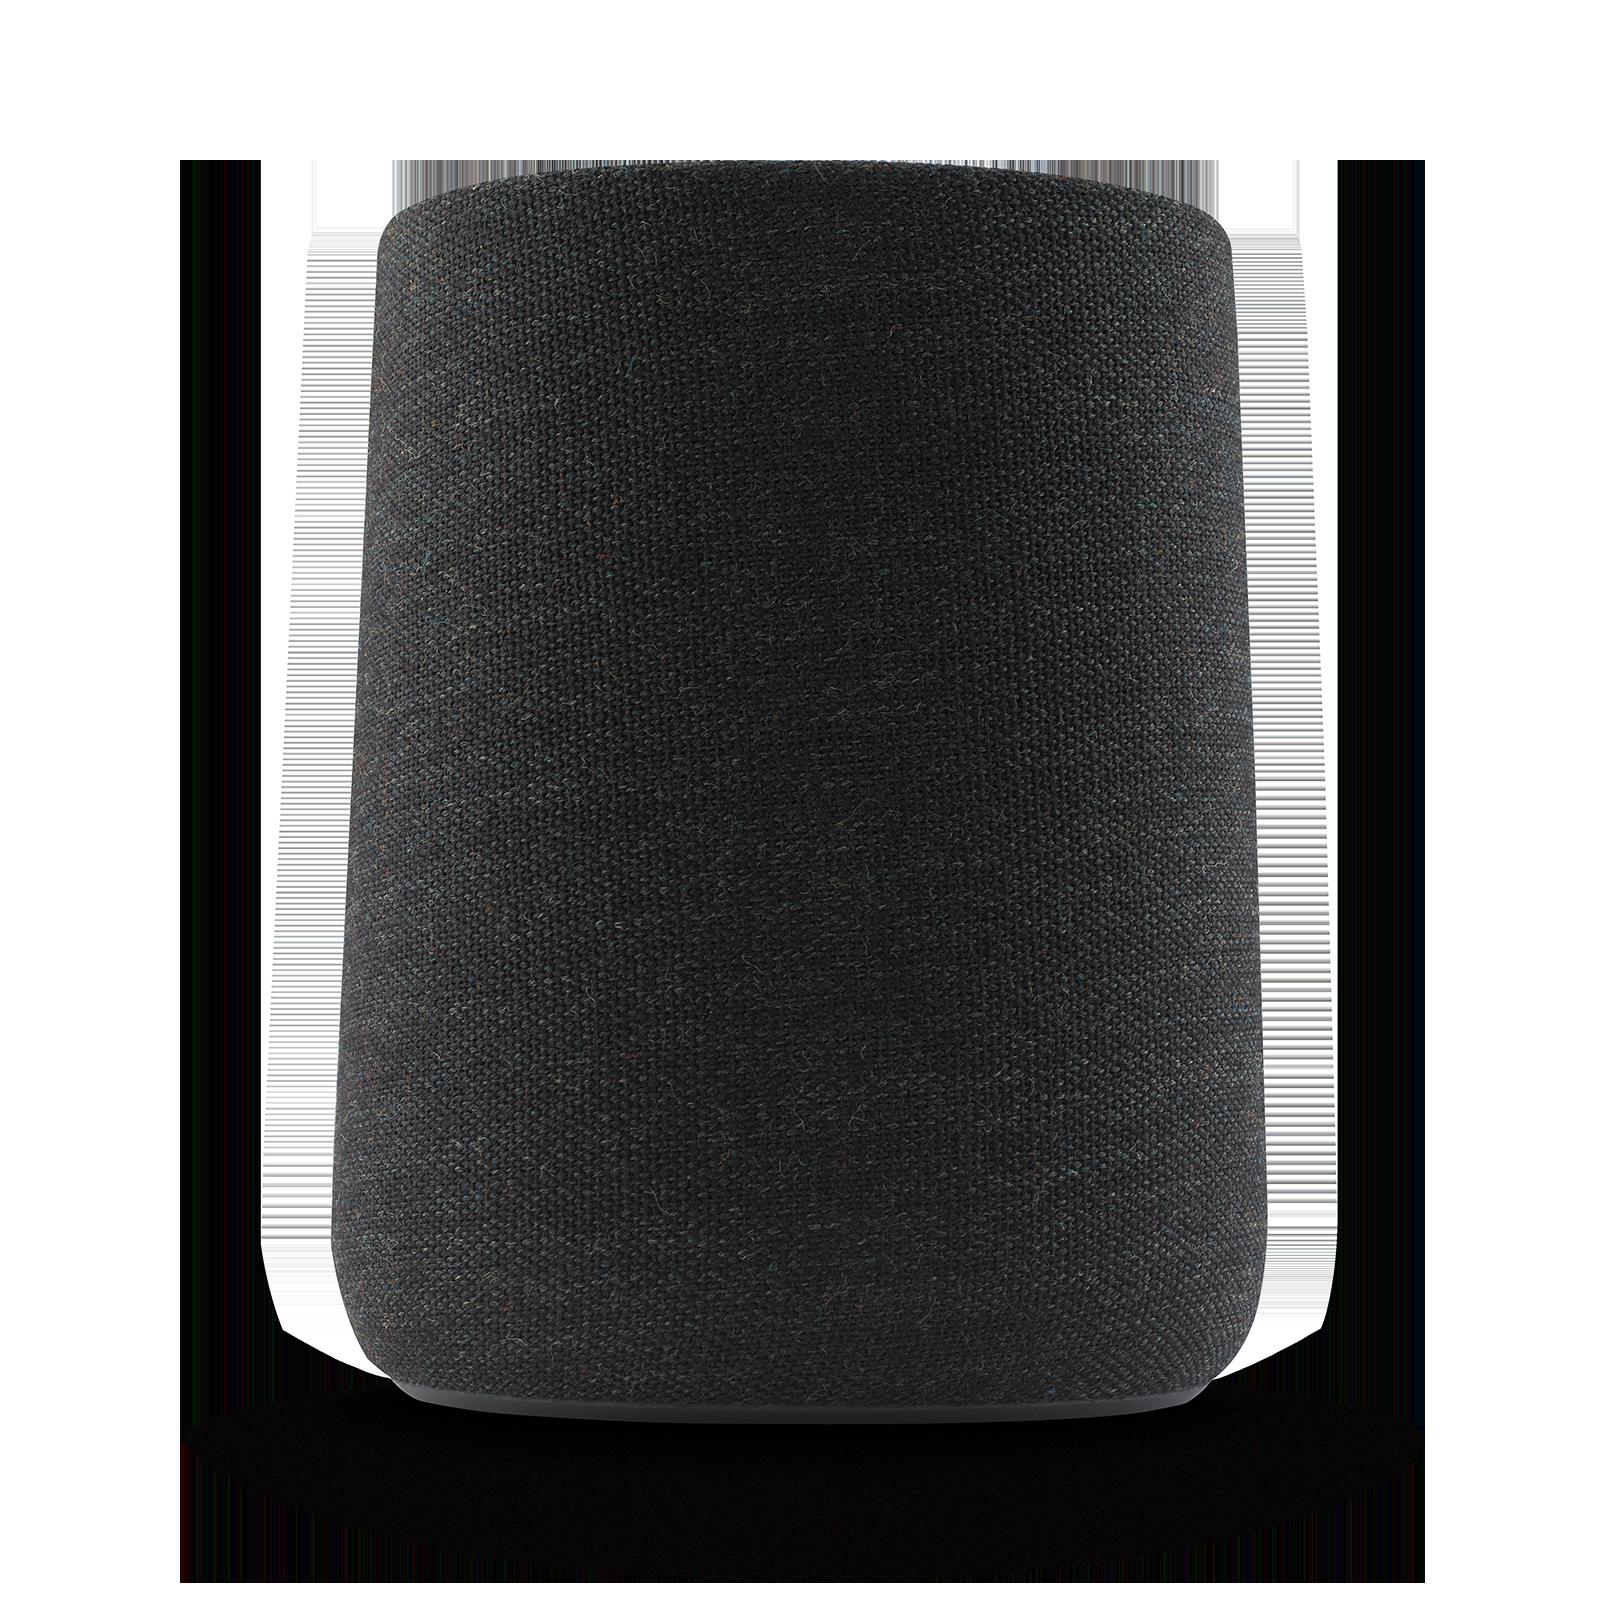 Harman Kardon Citation One MKII - Black - All-in-one smart speaker with room-filling sound - Detailshot 1